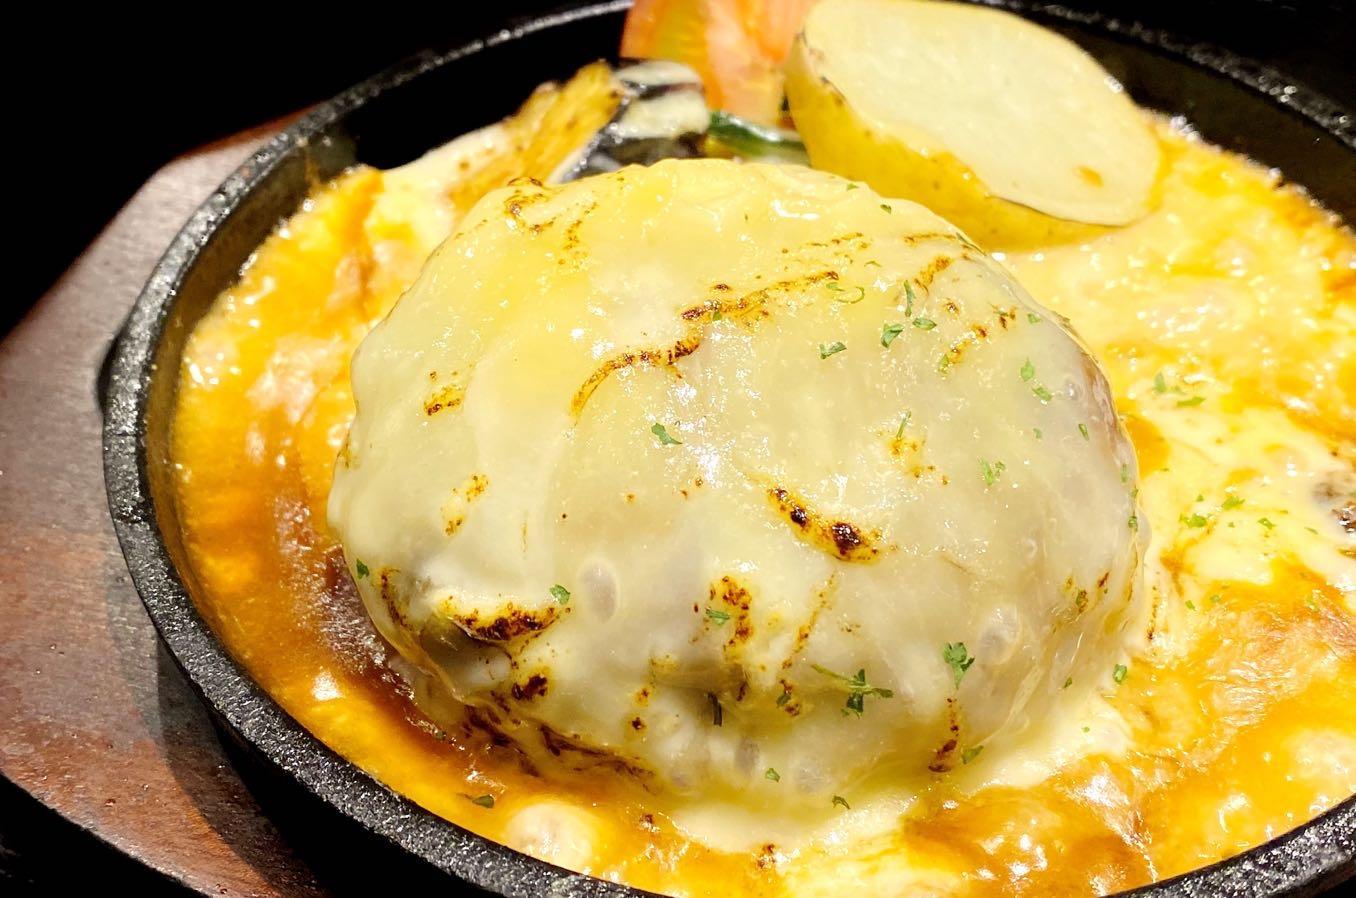 チーズinハンバーク+トッピングでチーズ